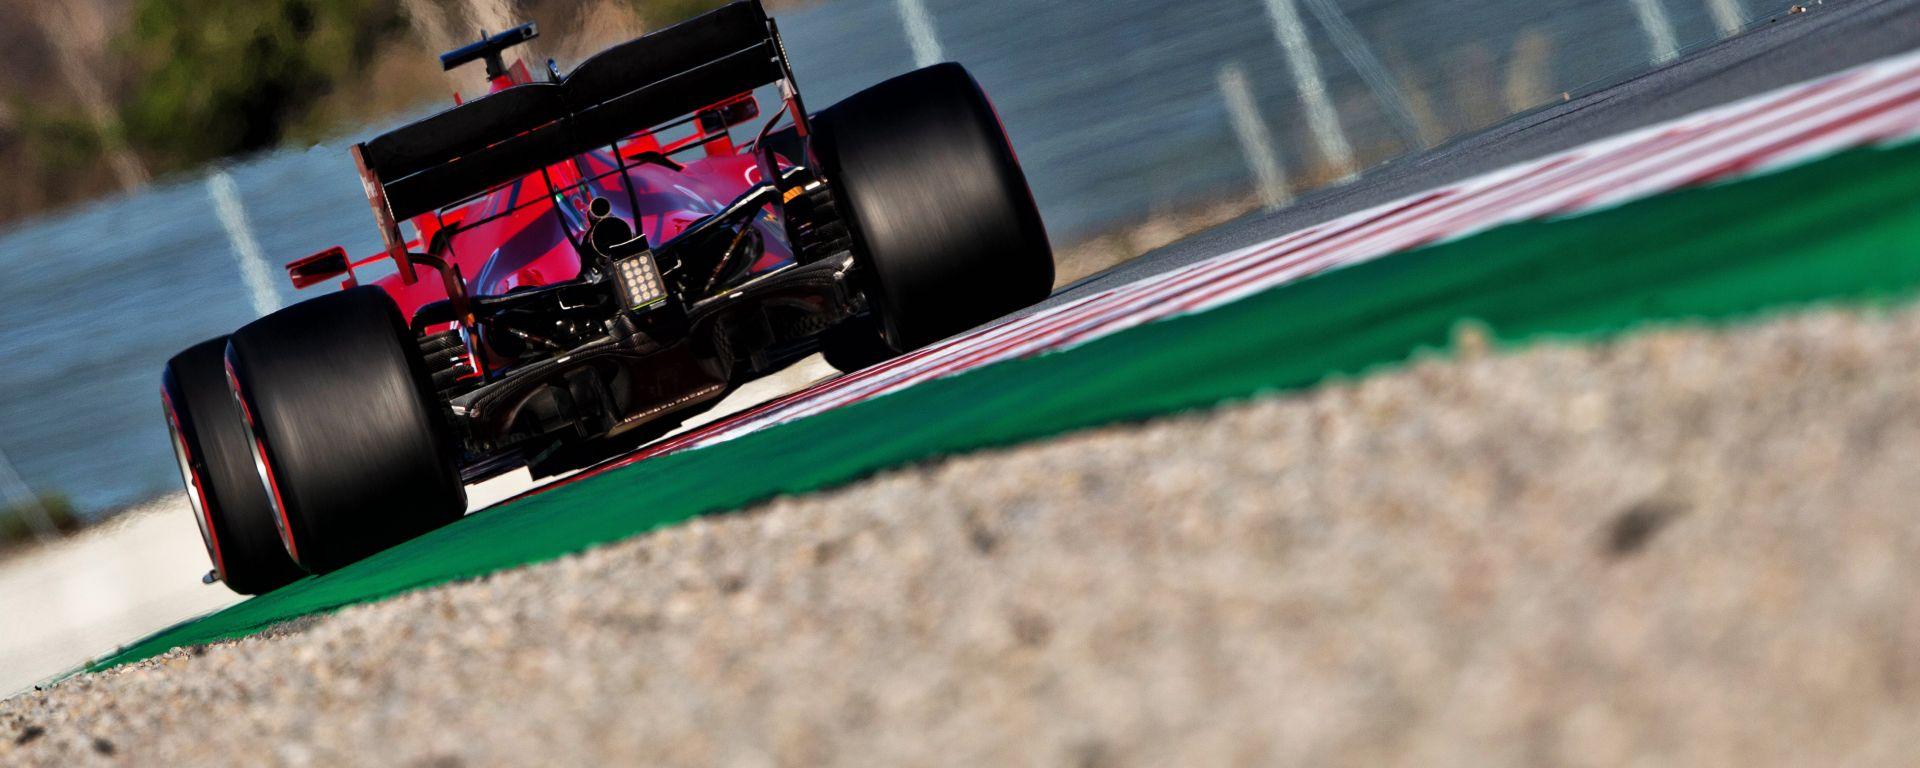 F1 Test Barcellona 2020: la Ferrari SF1000 in pista